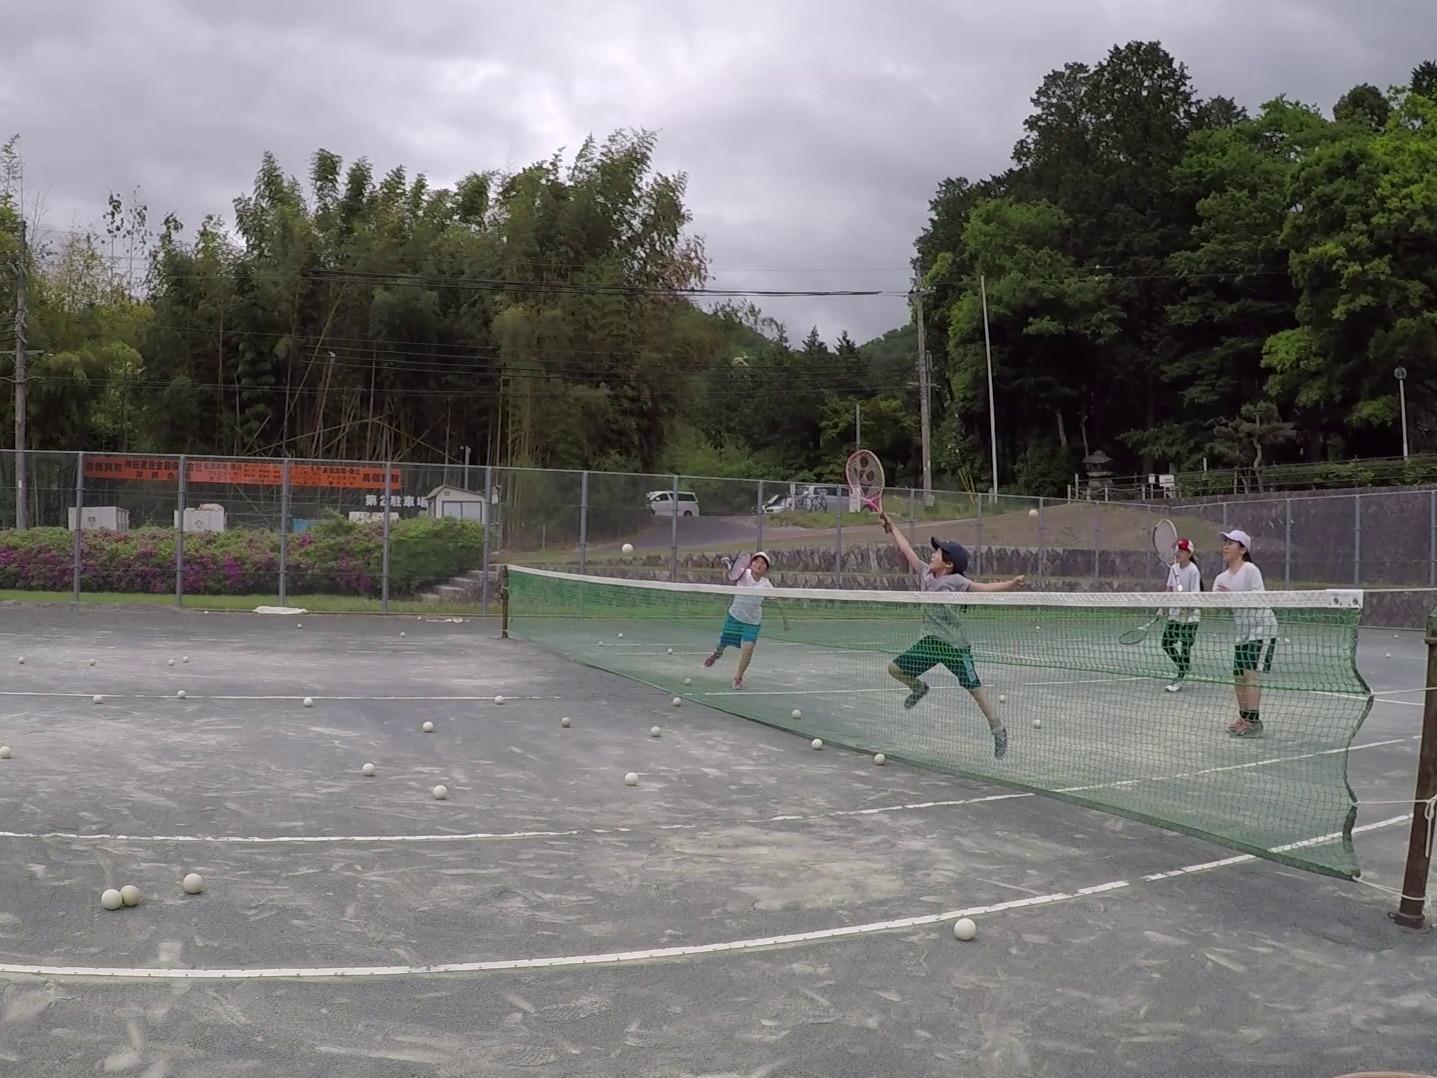 2019/05/18(土) ソフトテニス・未経験者練習会@滋賀県東近江市